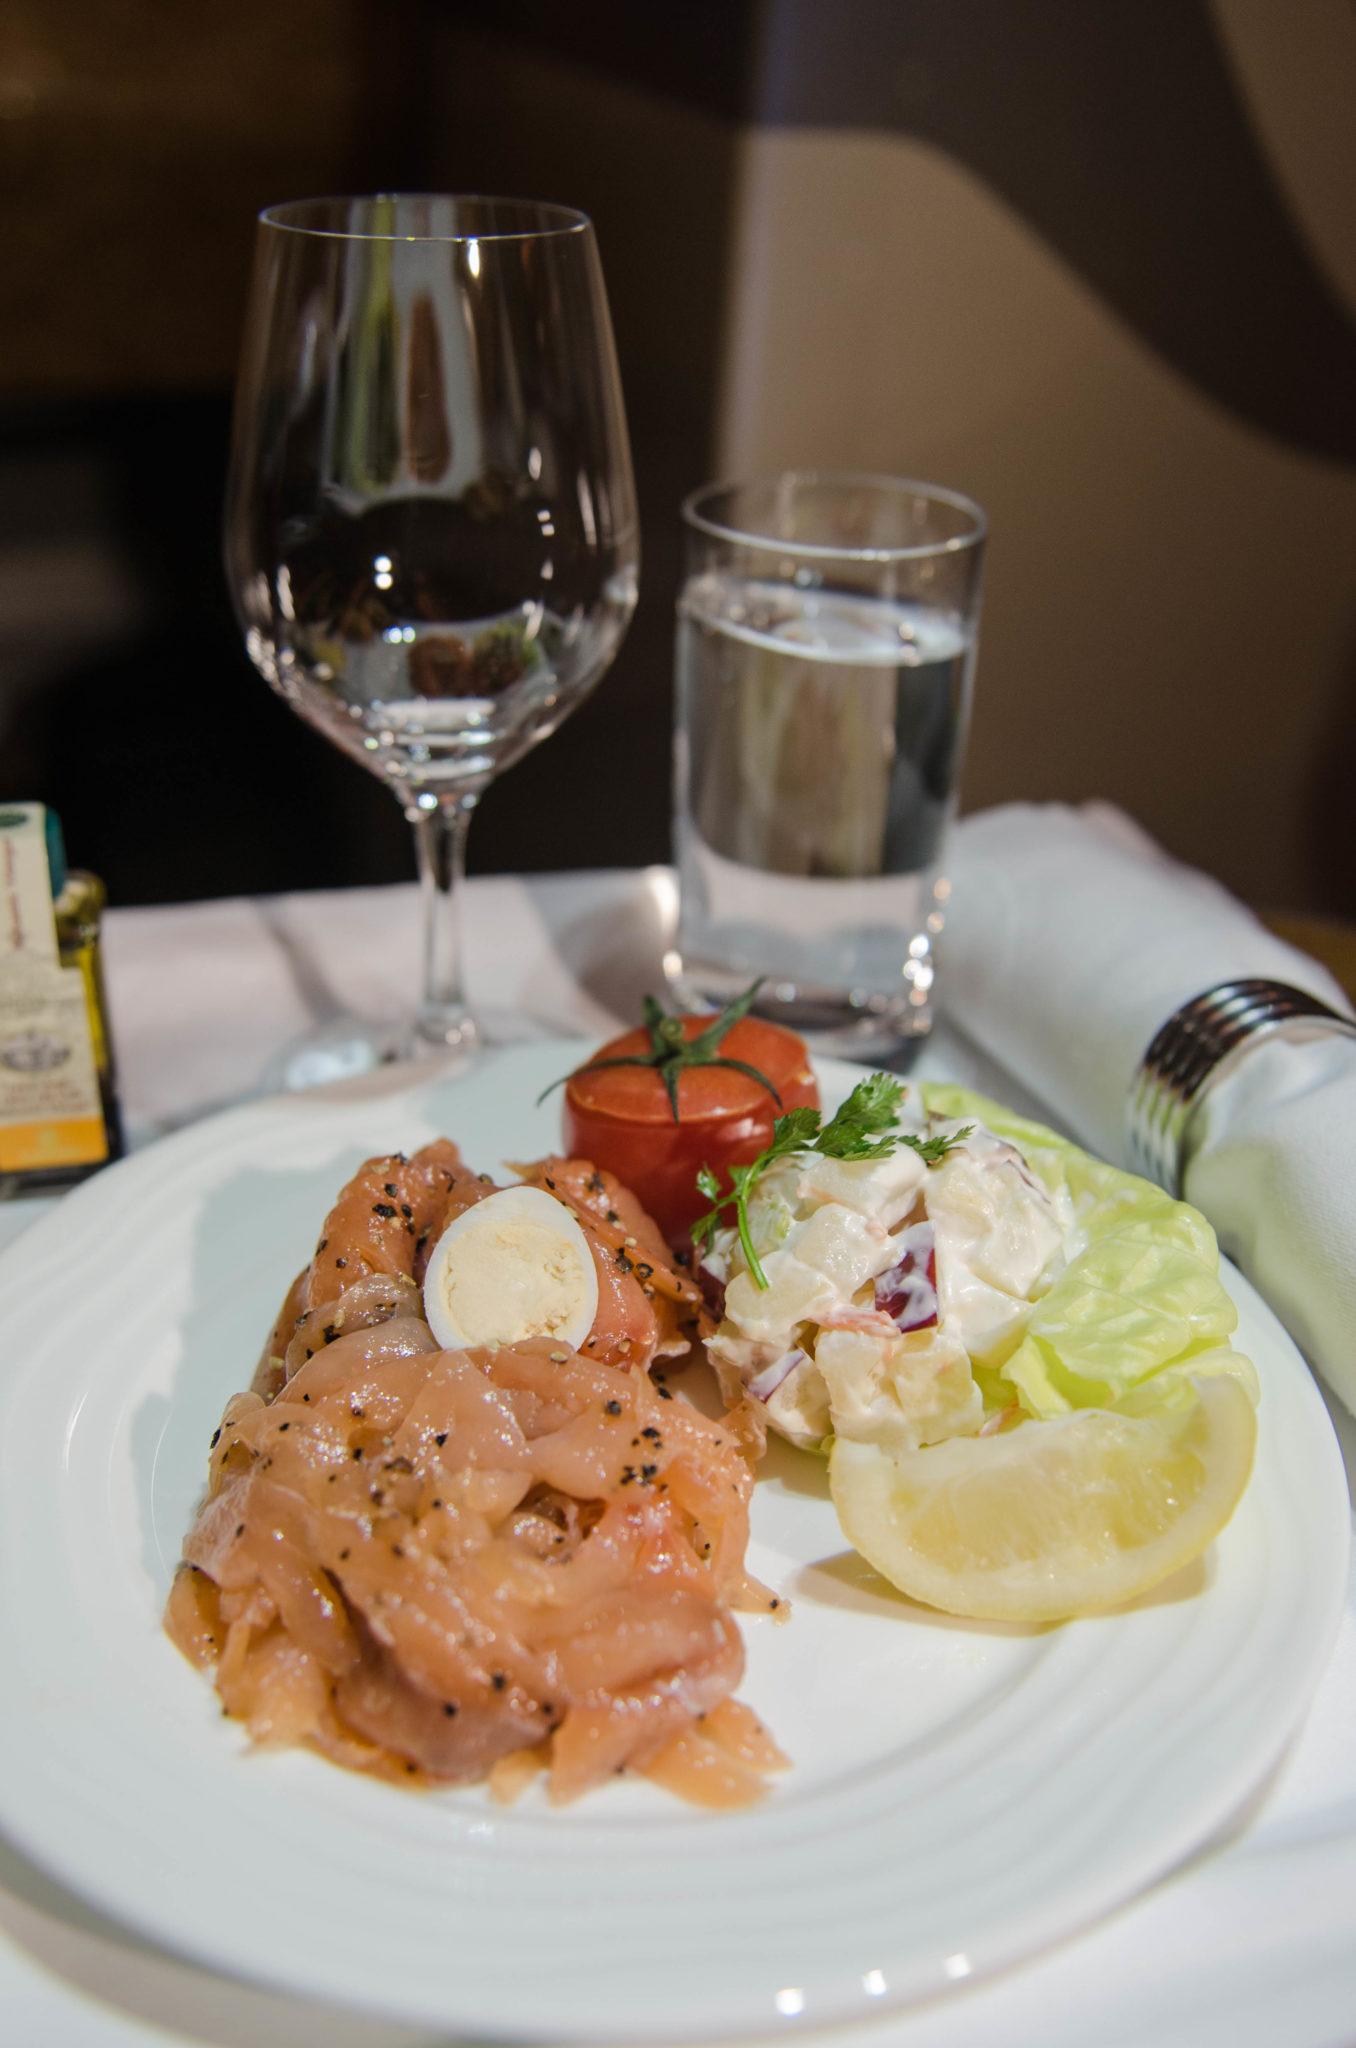 Das Essen in der Business von Emirates ist frisch und lecker.